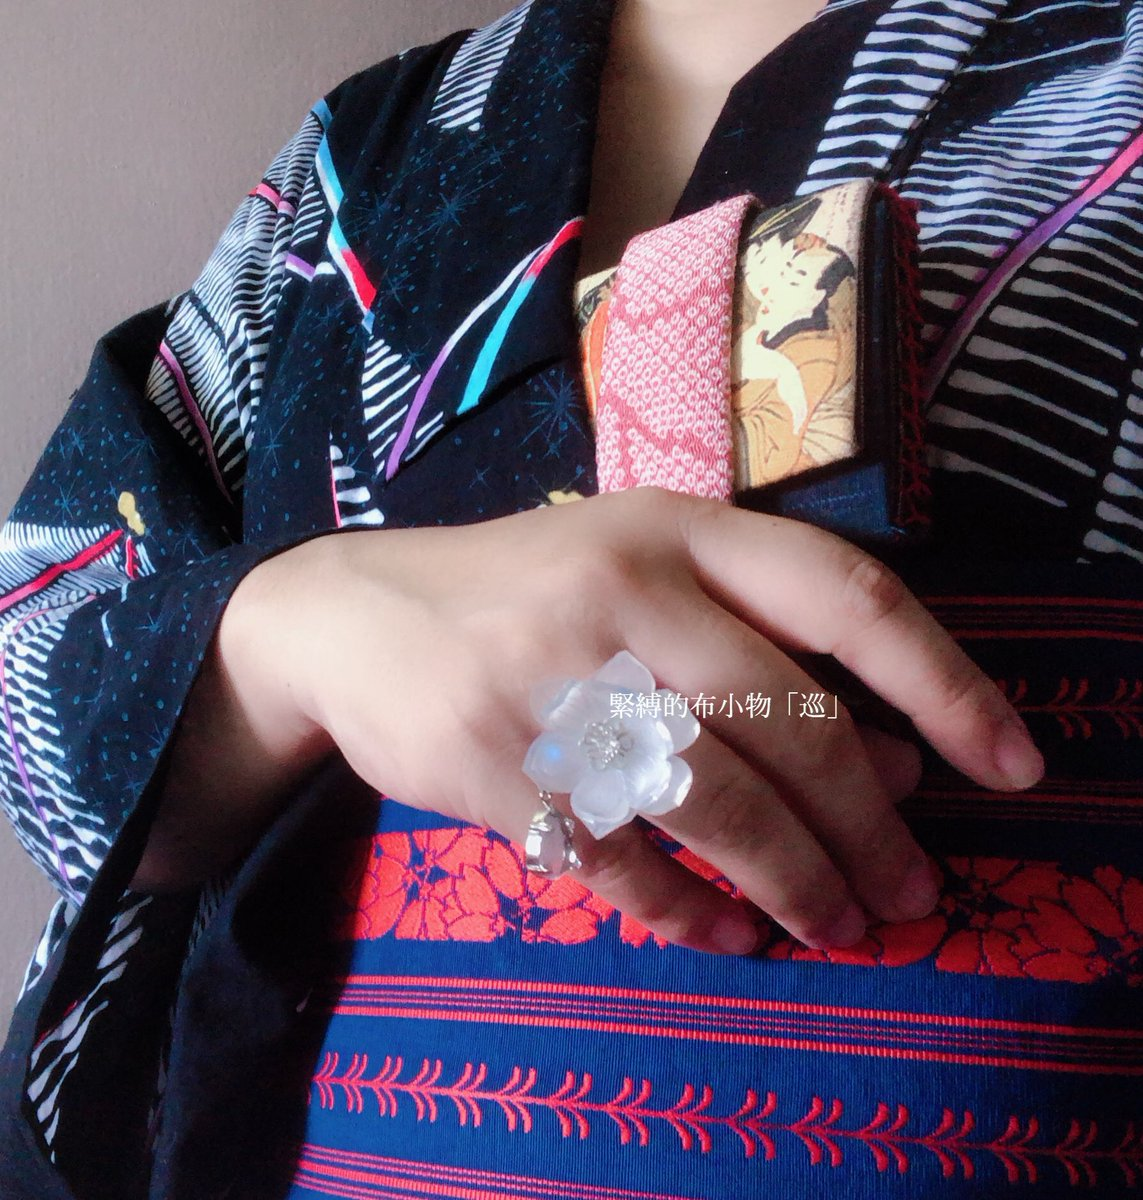 #着物自画撮り部 ギャラリーに行って上野のボラプ野外応援上映へ。 幾何学柄の浴衣に博多帯、 双樹の庭さんのハコセコ 泥に咲く花の指輪( #ラヴィドリュクス 様にて展開中) 純和風よりも浮かないかな、と。 そして楽に。 https://t.co/P8zVouwJ71